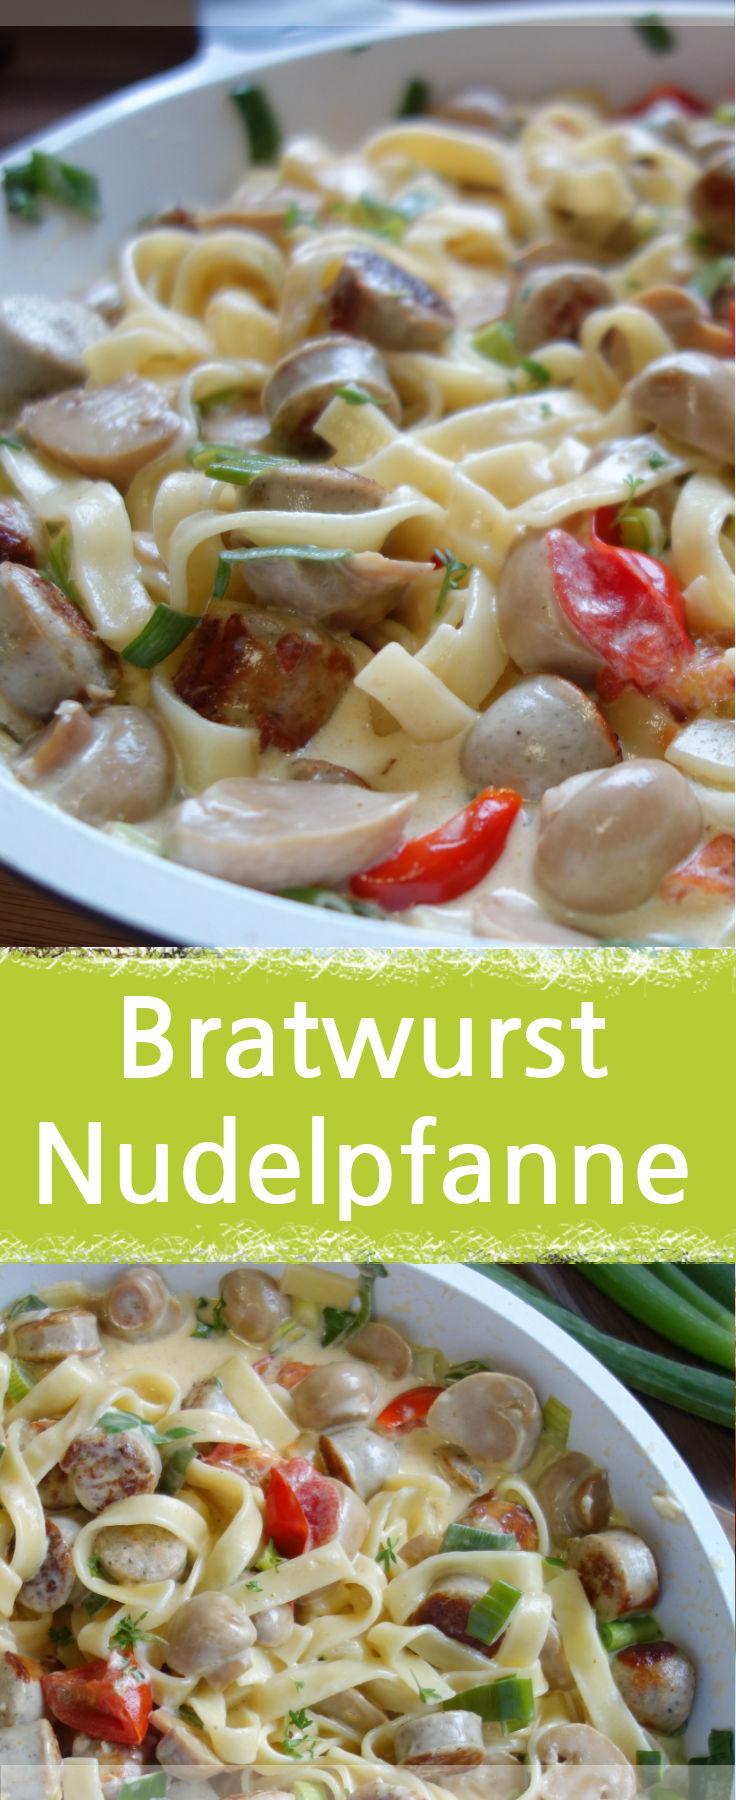 bratwurst-nudelpfanne-gl.jpg